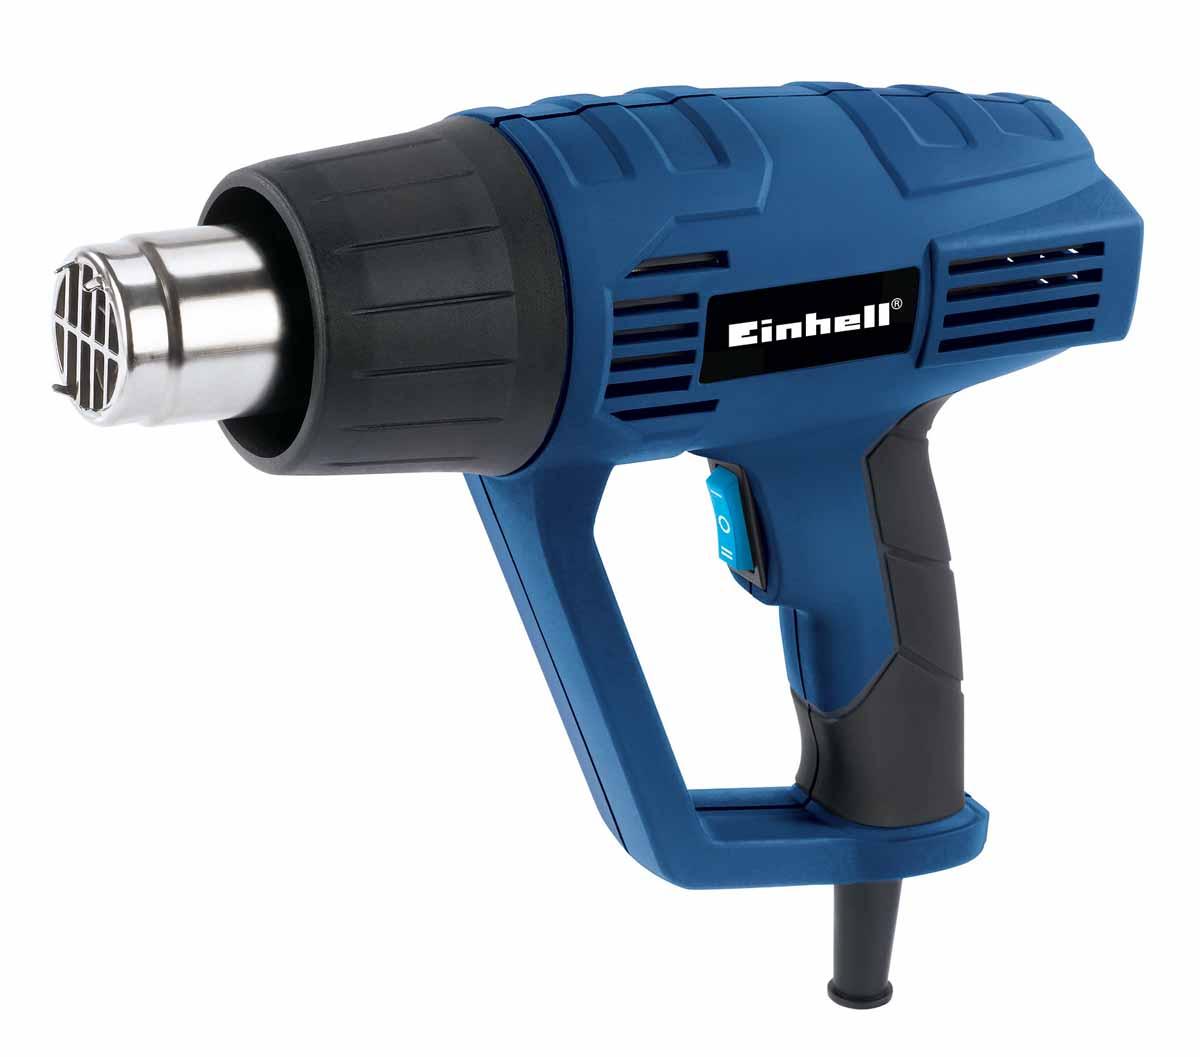 Фен технический Einhell BT-HA 2000/14520167Мощность: 2000 Вт. Два температурных режима: 350/500 С. Два режима производительности: 300/500 л/мин. Вес: 1,5 кг. В комплекте: кейс, набор насадок.